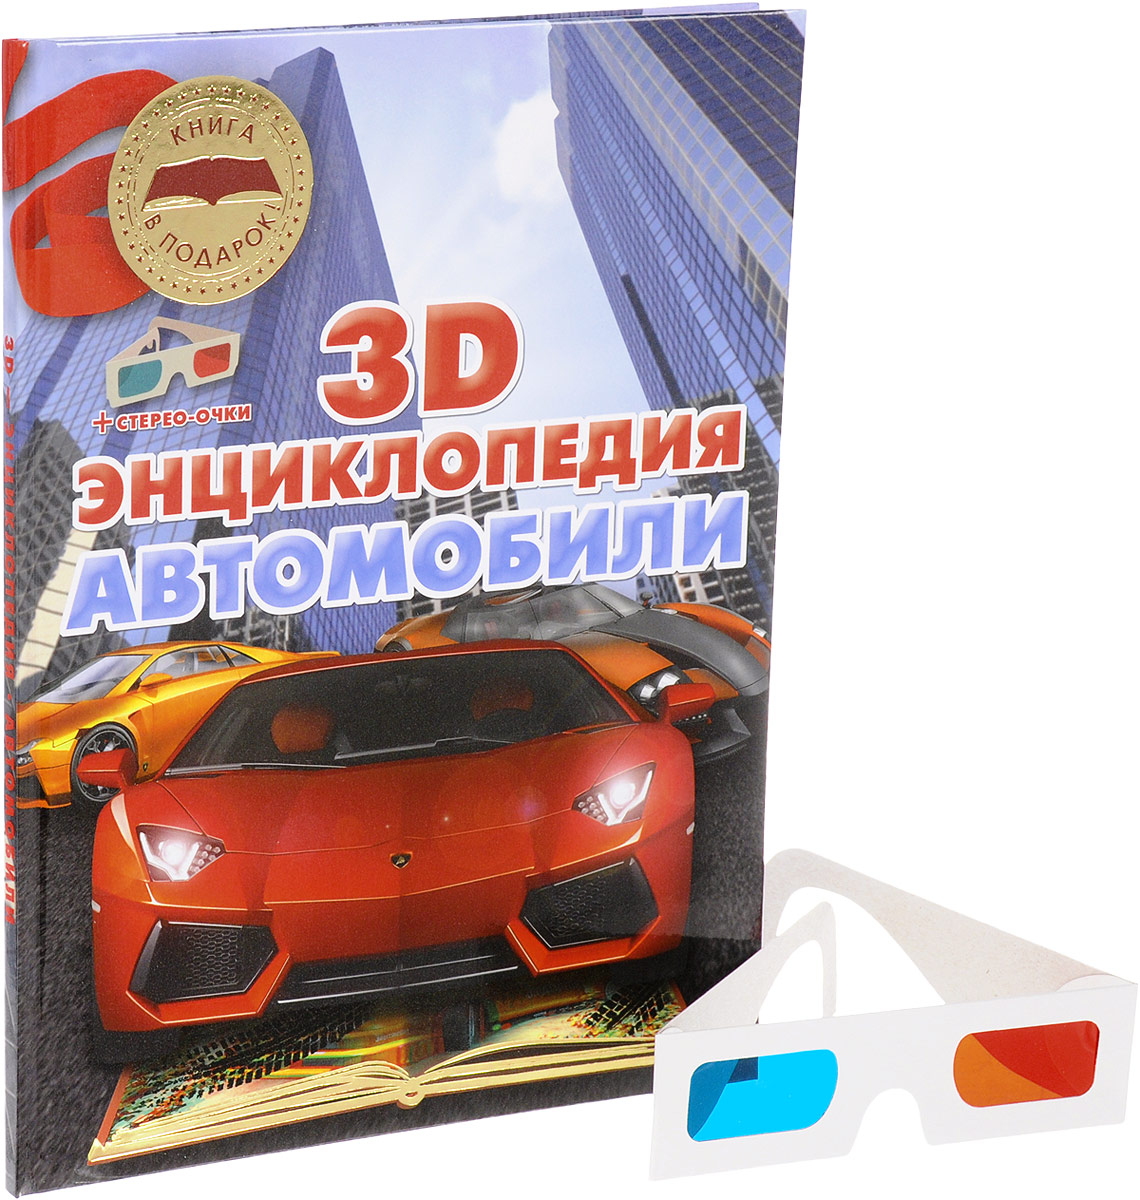 Автомобили. 3D-энциклопедия (+ стерео-очки)